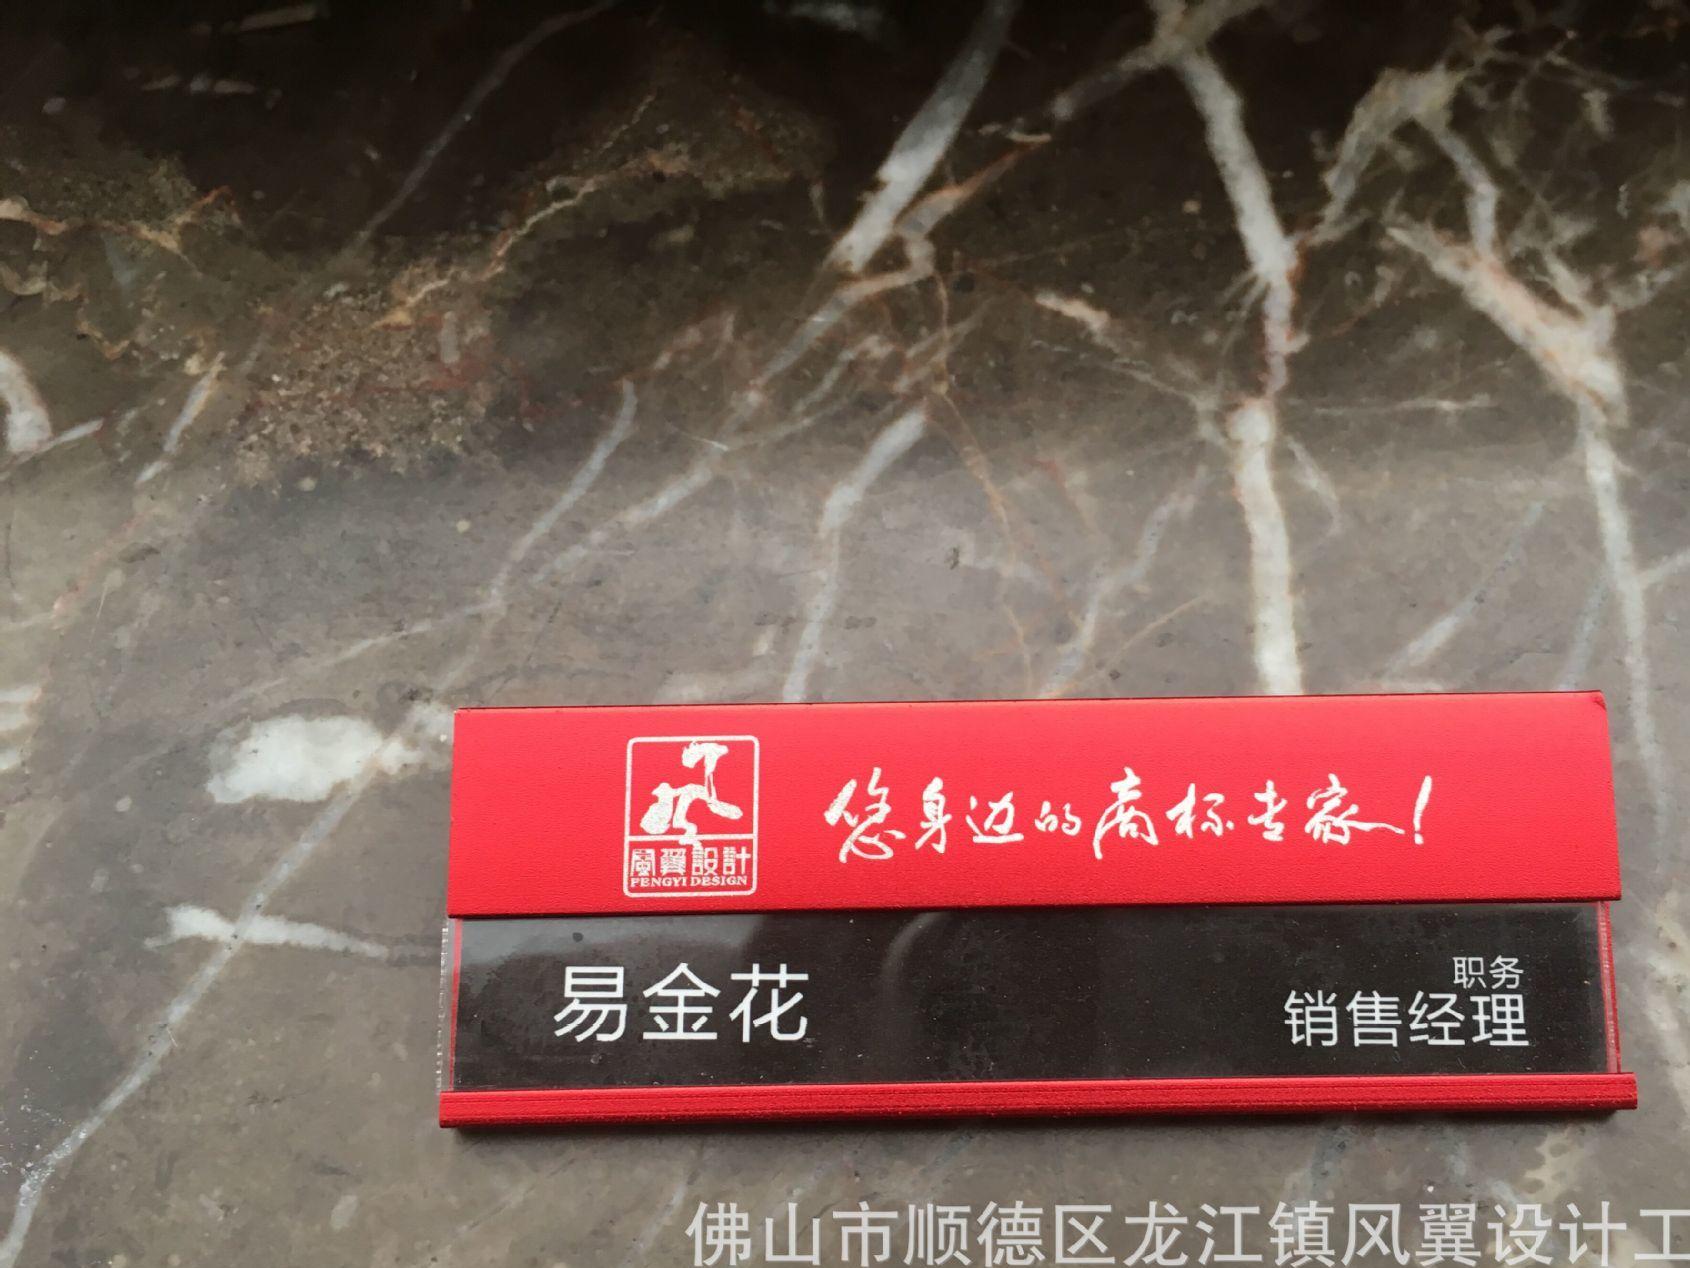 不锈钢金属胸牌 吸铁铭牌 高档工号牌 酒店员工胸卡 广东家具商标